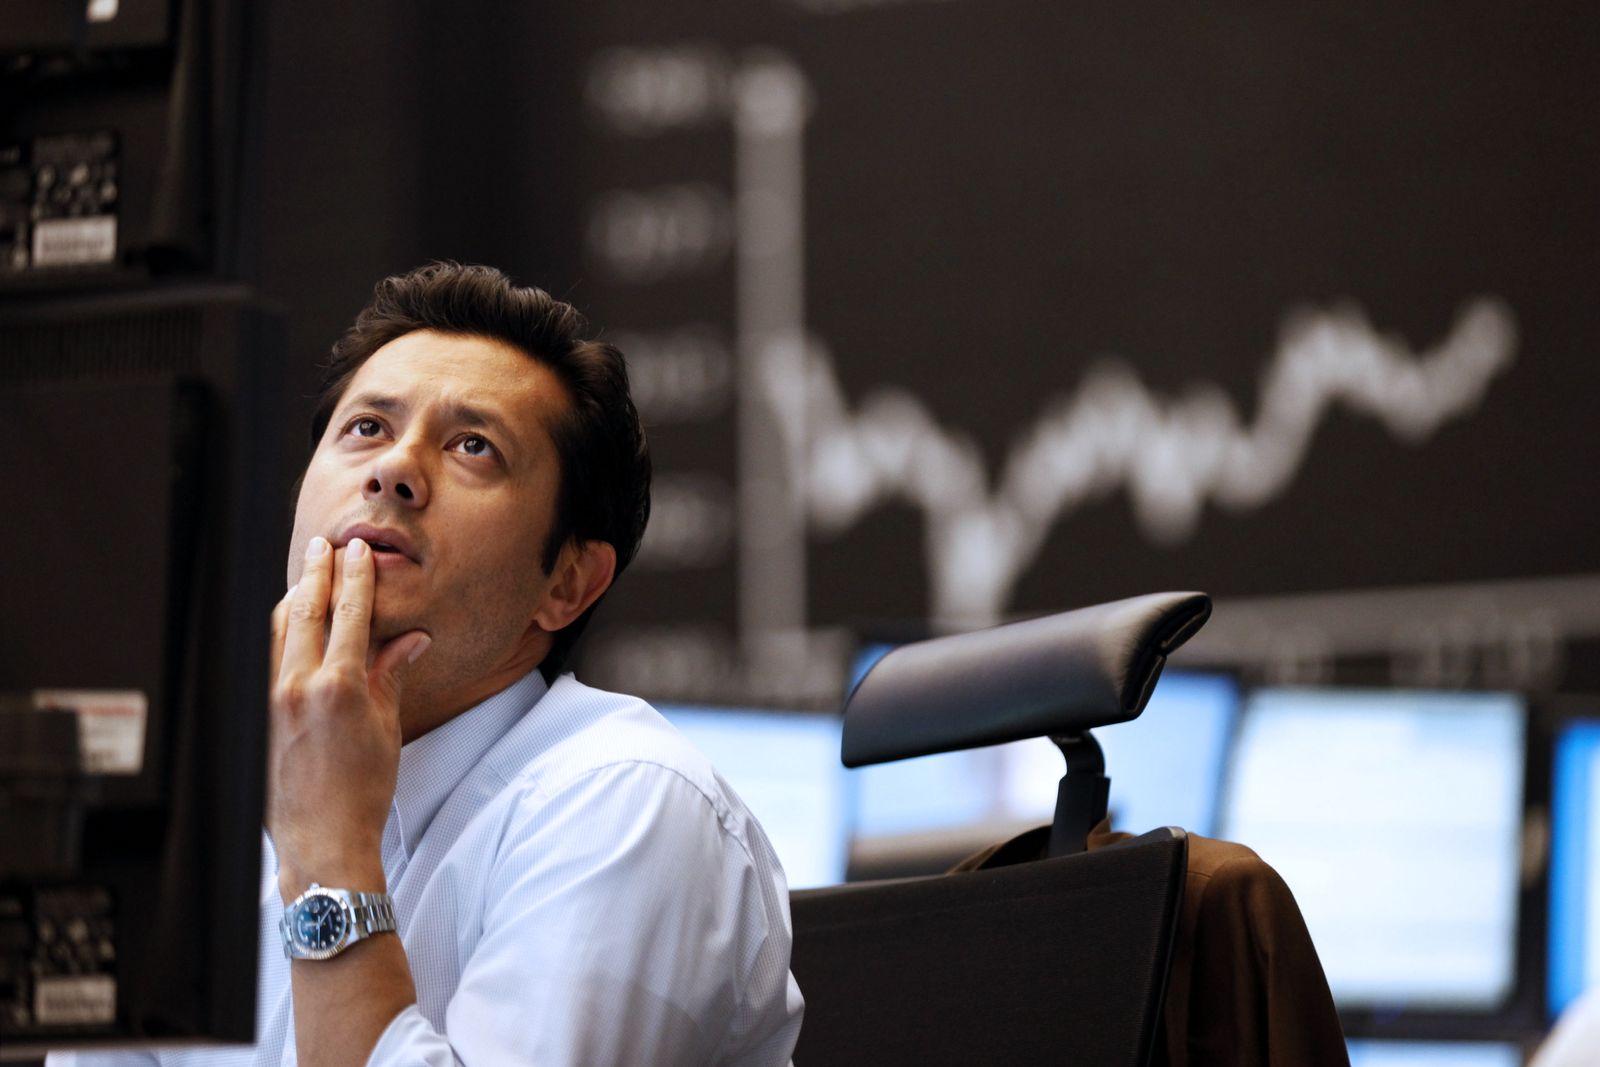 NICHT VERWENDEN Europa / Finanzkrise / Börse / Dax / Italien